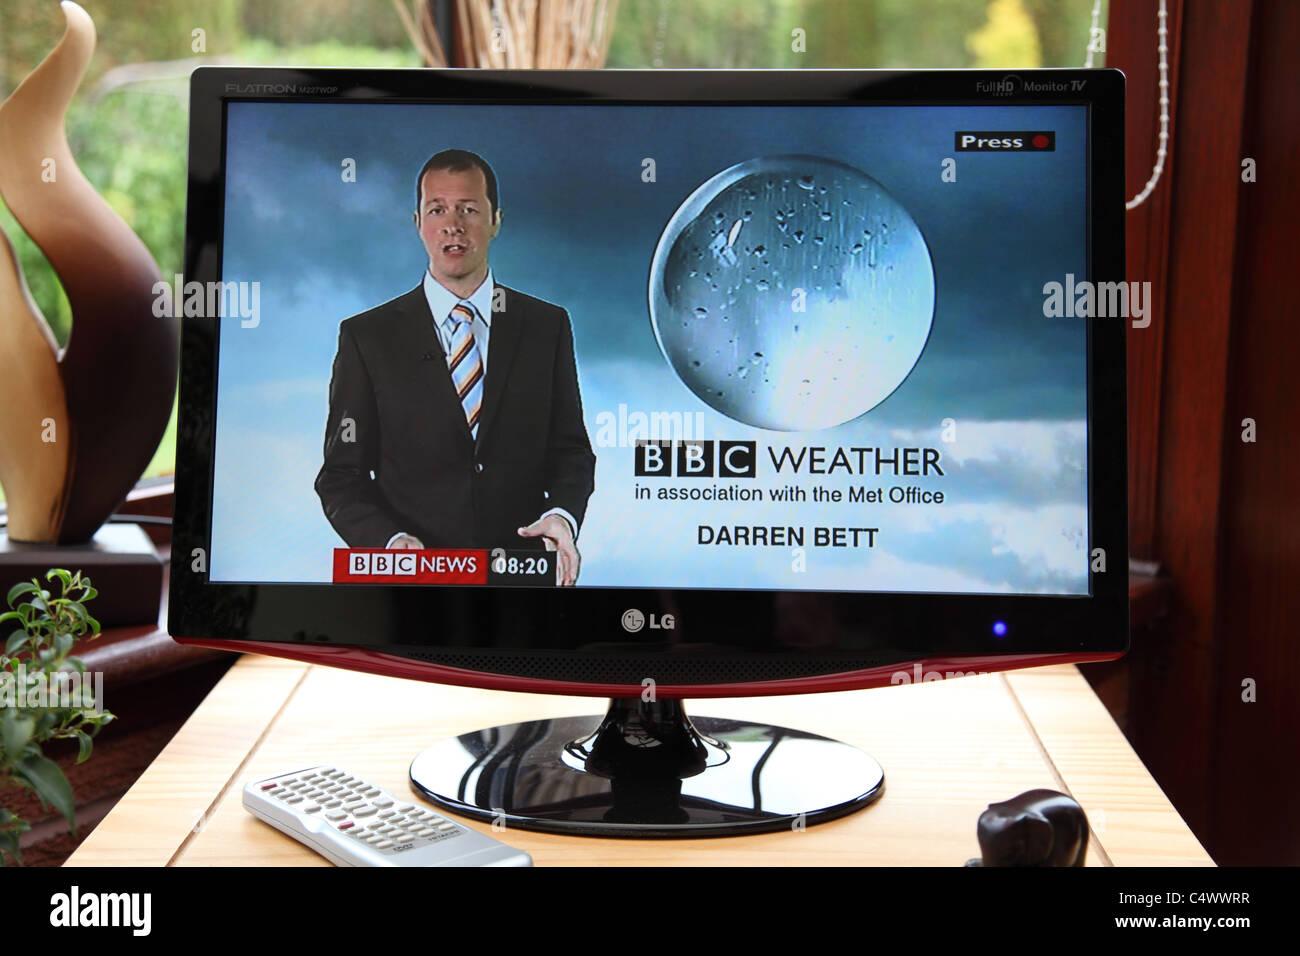 Die BBC-Wettervorhersage. Stockbild